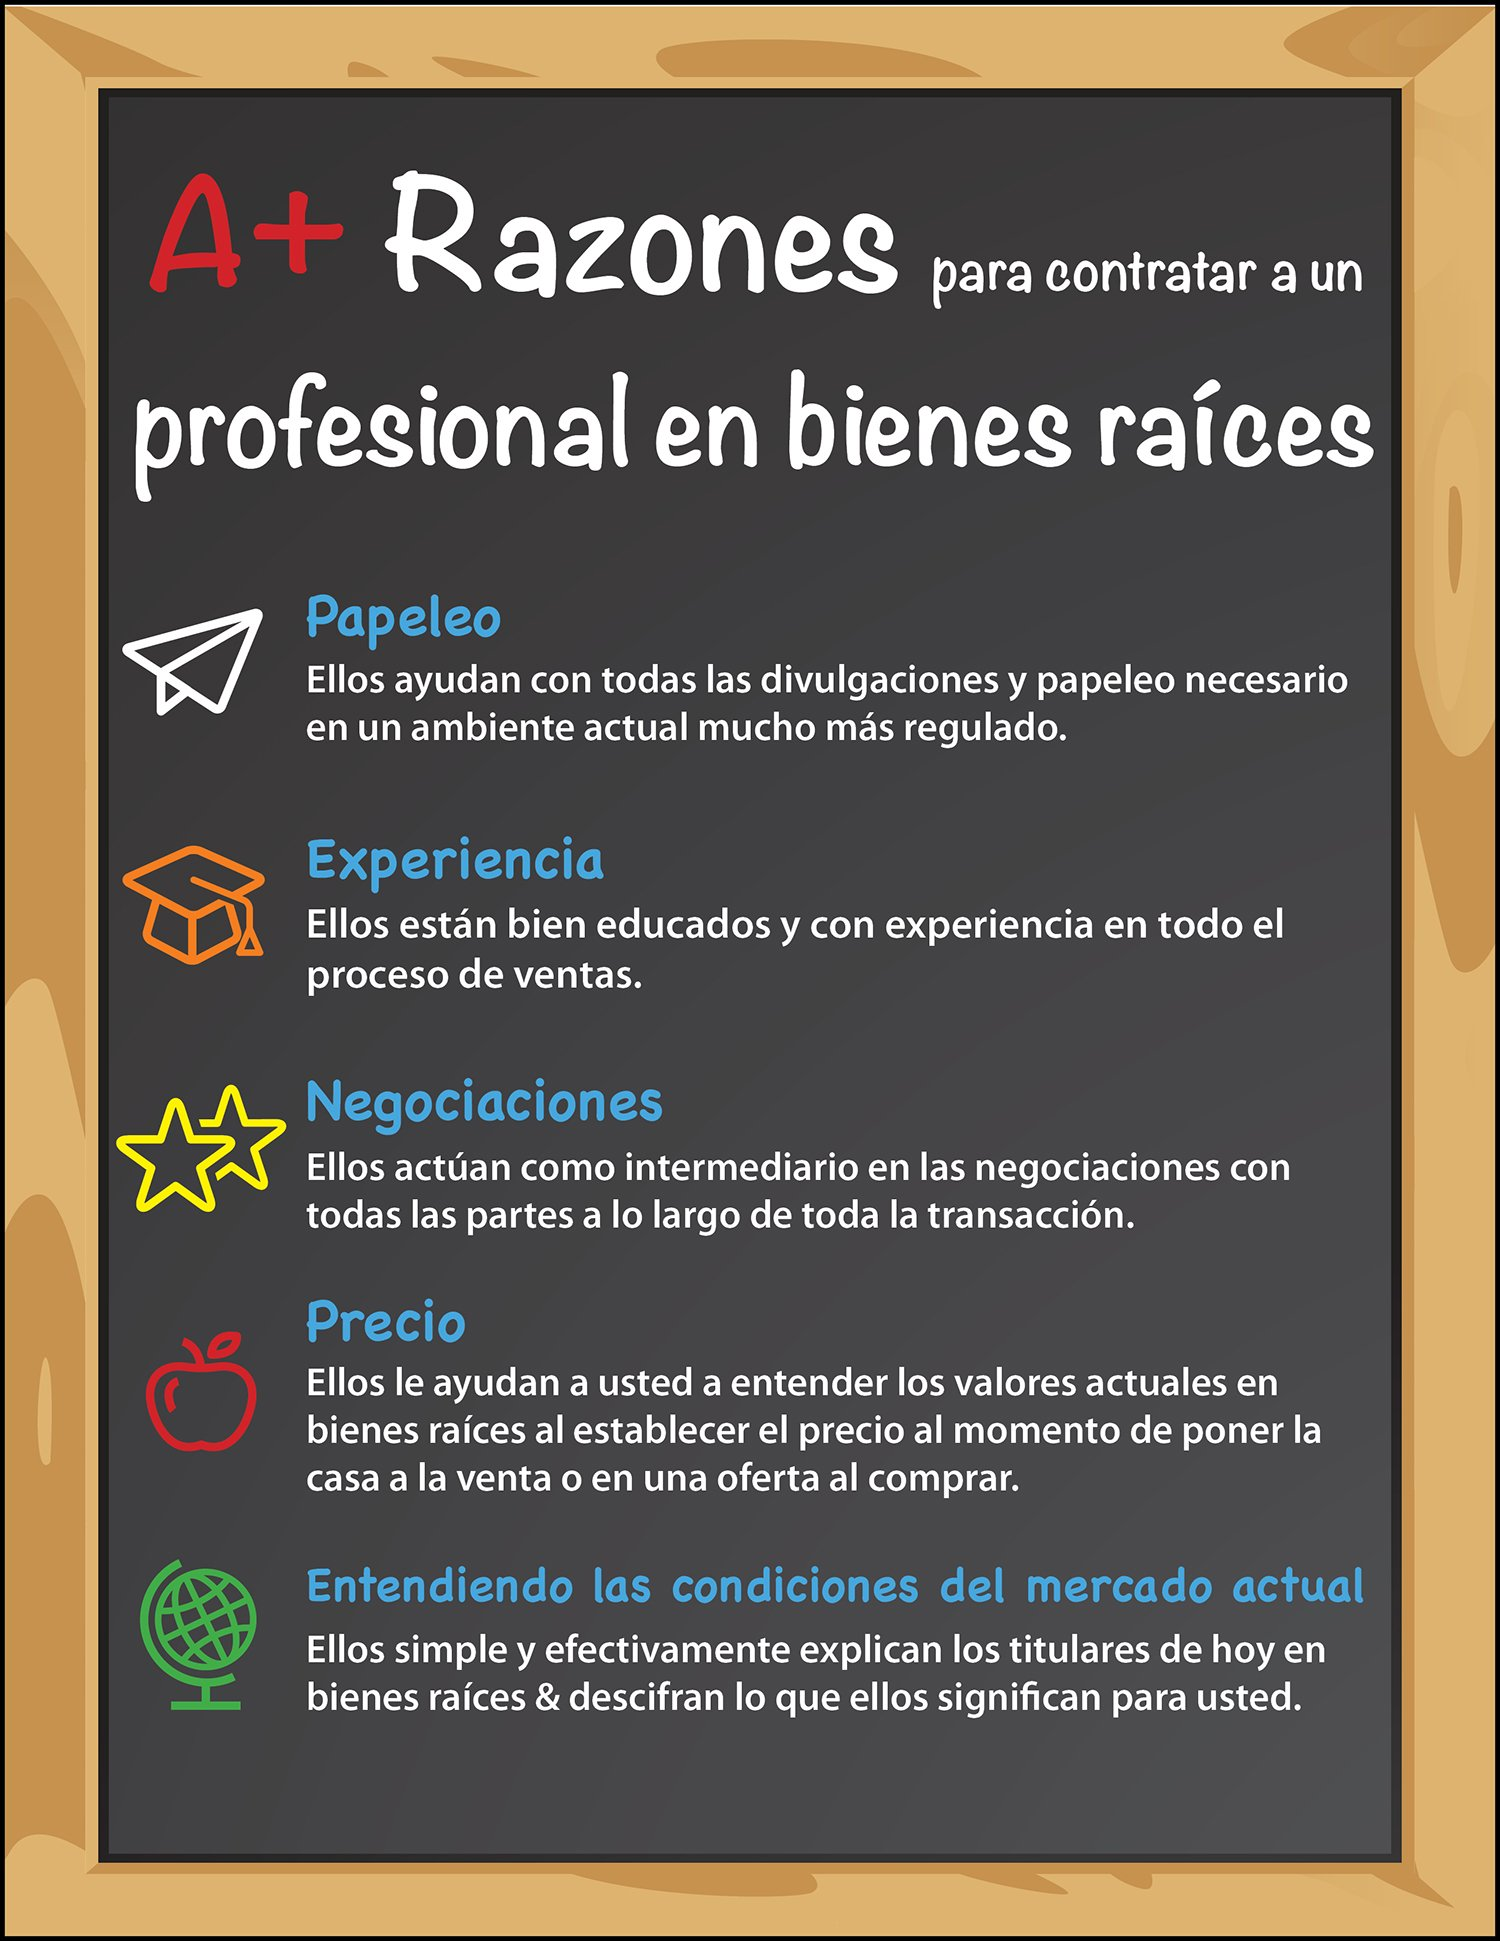 Razones A+ para contratar un profesional en bienes raíces [INFOGRAFíA] | Simplifying The Market